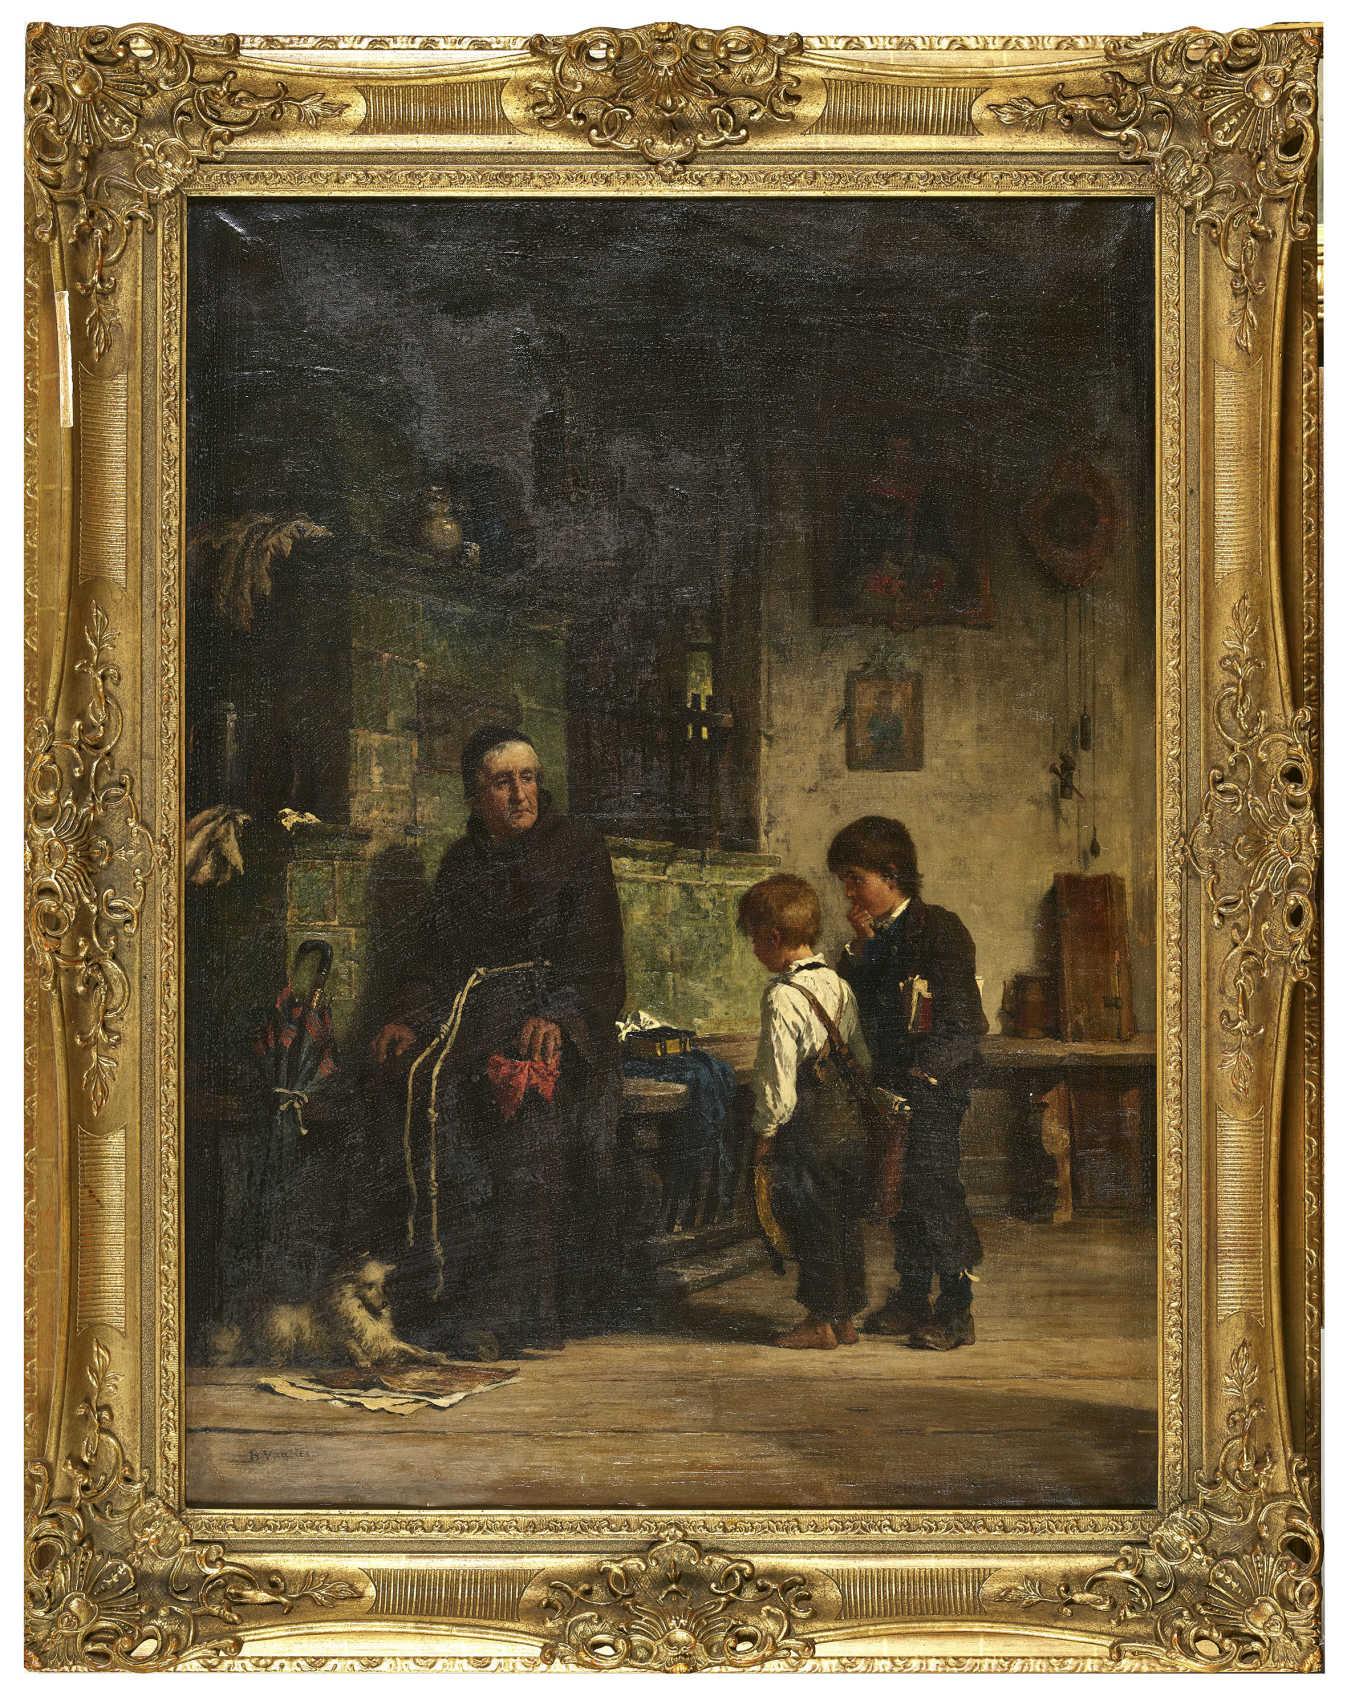 Lot 21 - VAUTIER, BENJAMIN IMorges 1829 - 1898 DüsseldorfMönch mit zwei Schülern.Öl auf Leinwand,sig. u.l.,